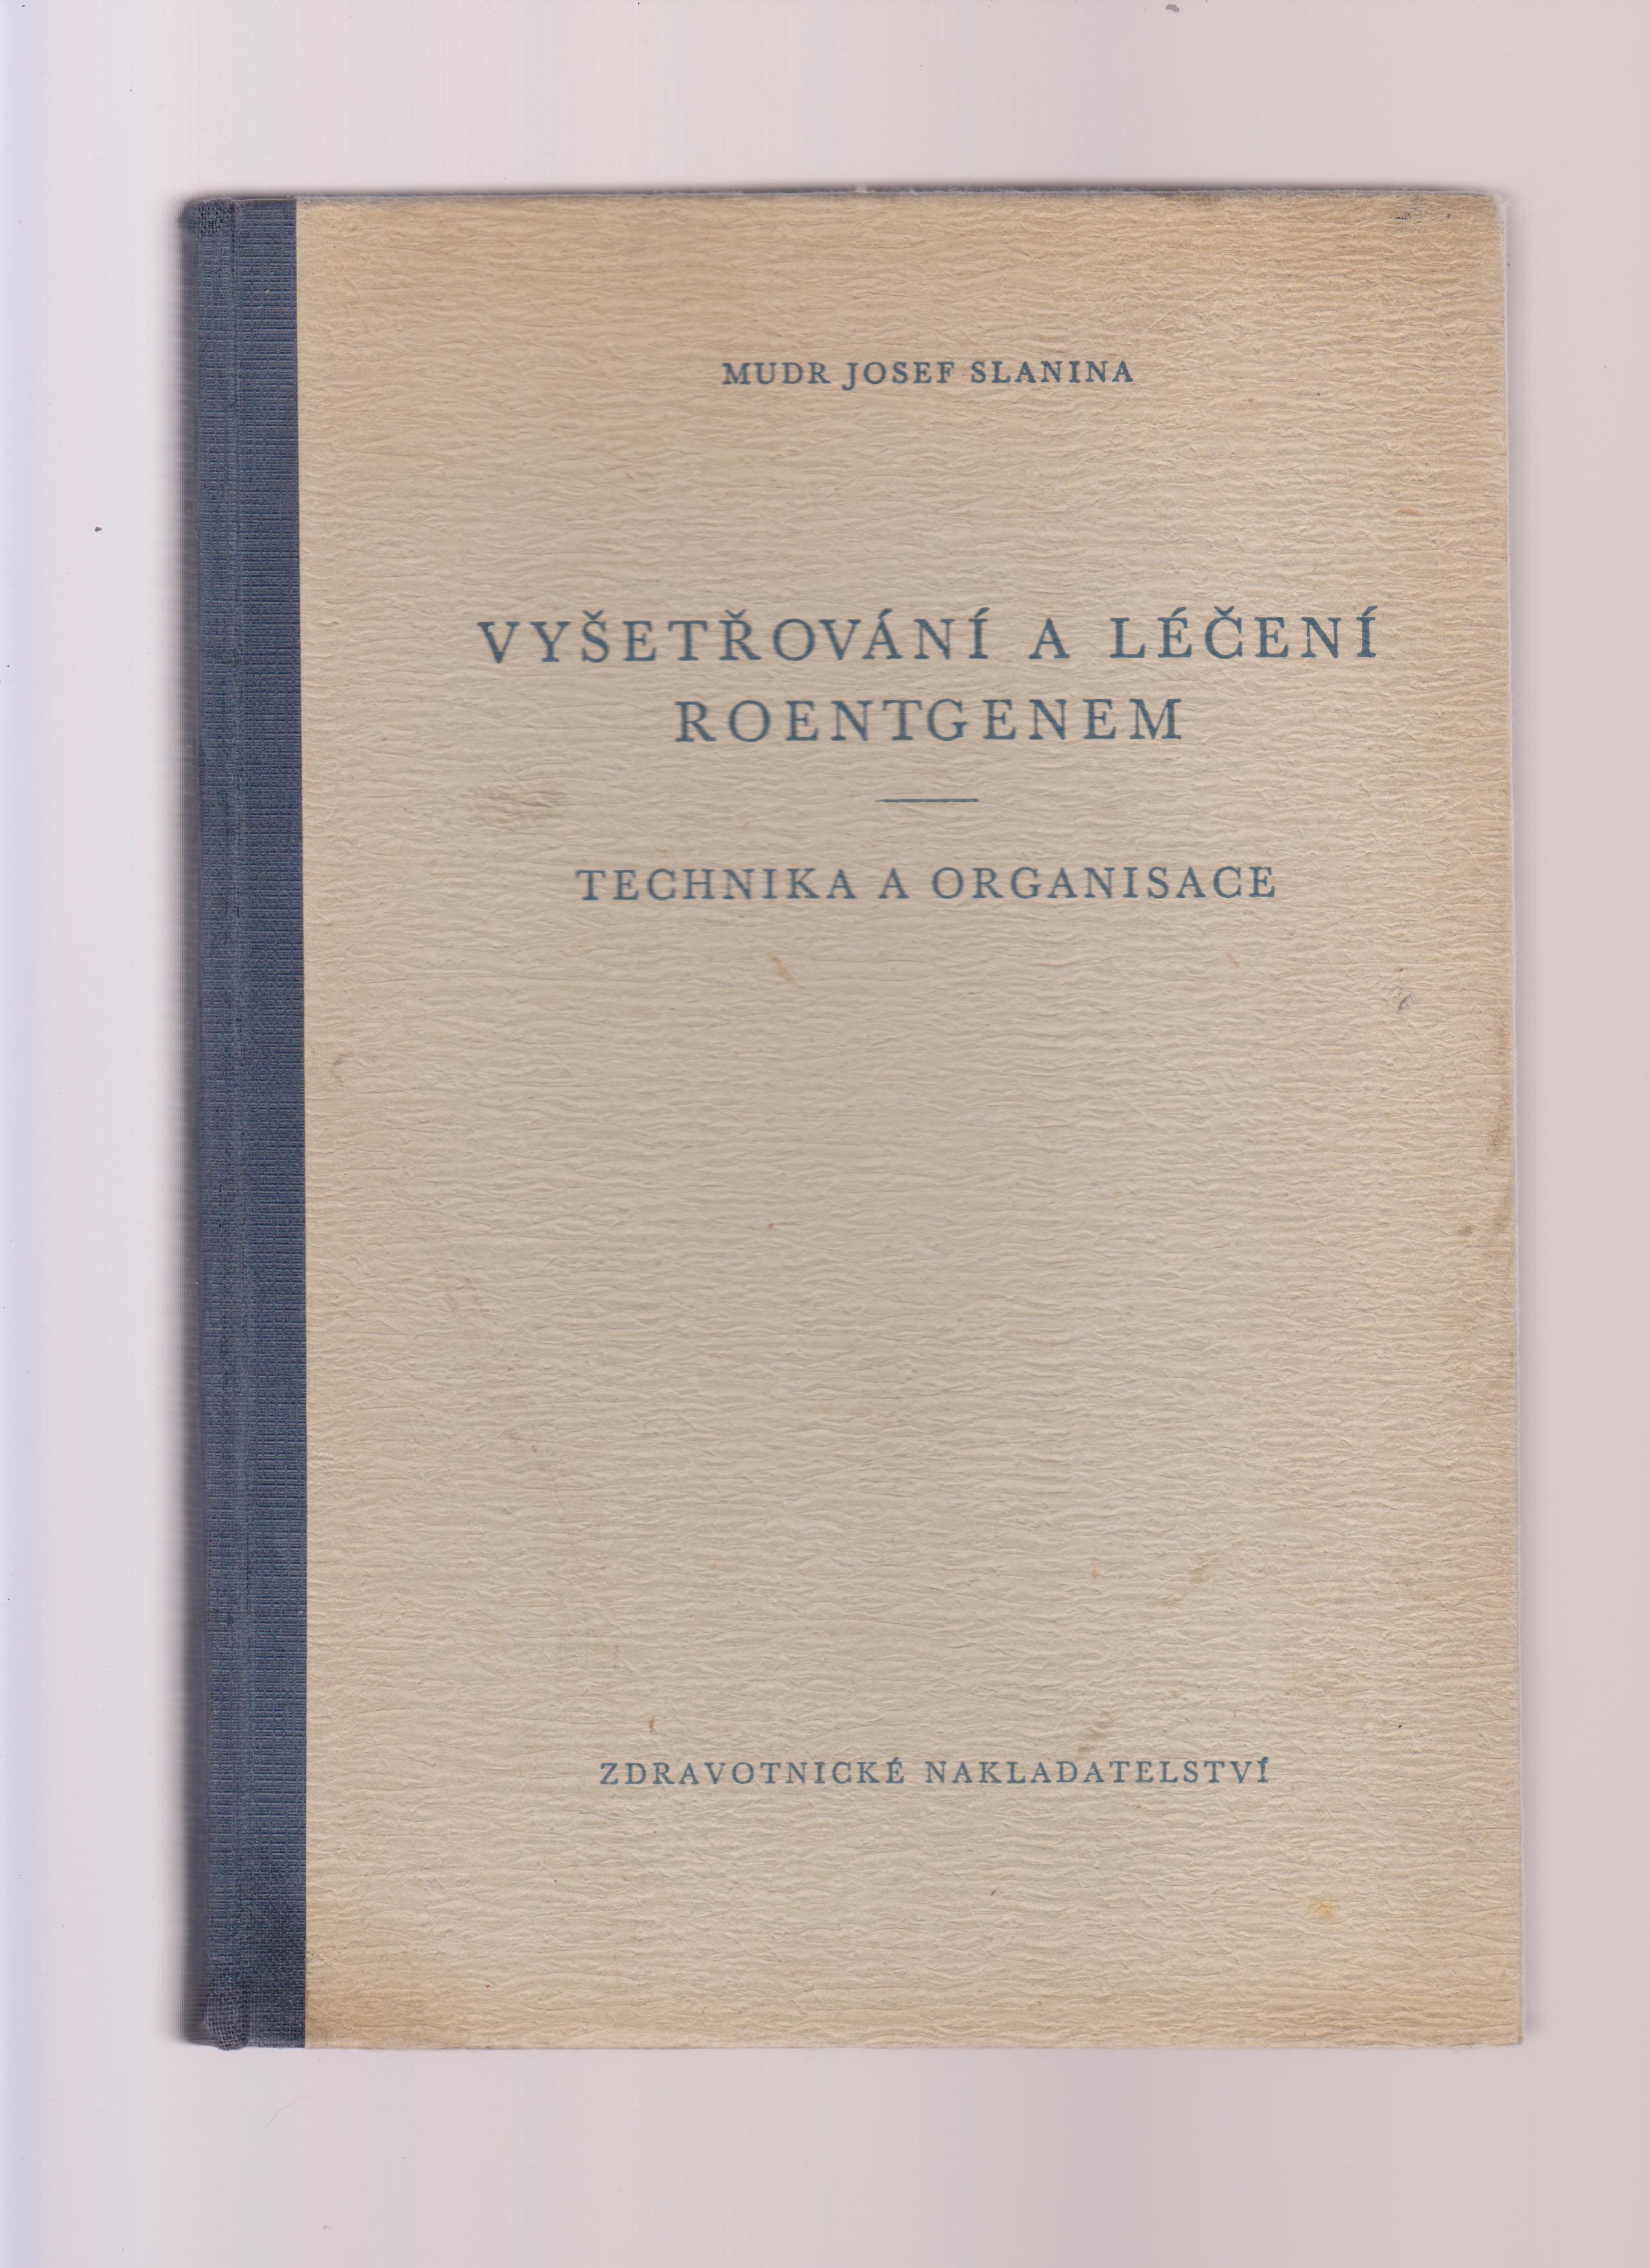 Vyšetřování a léčení Röentgenem - MUDr. Josef Slanina